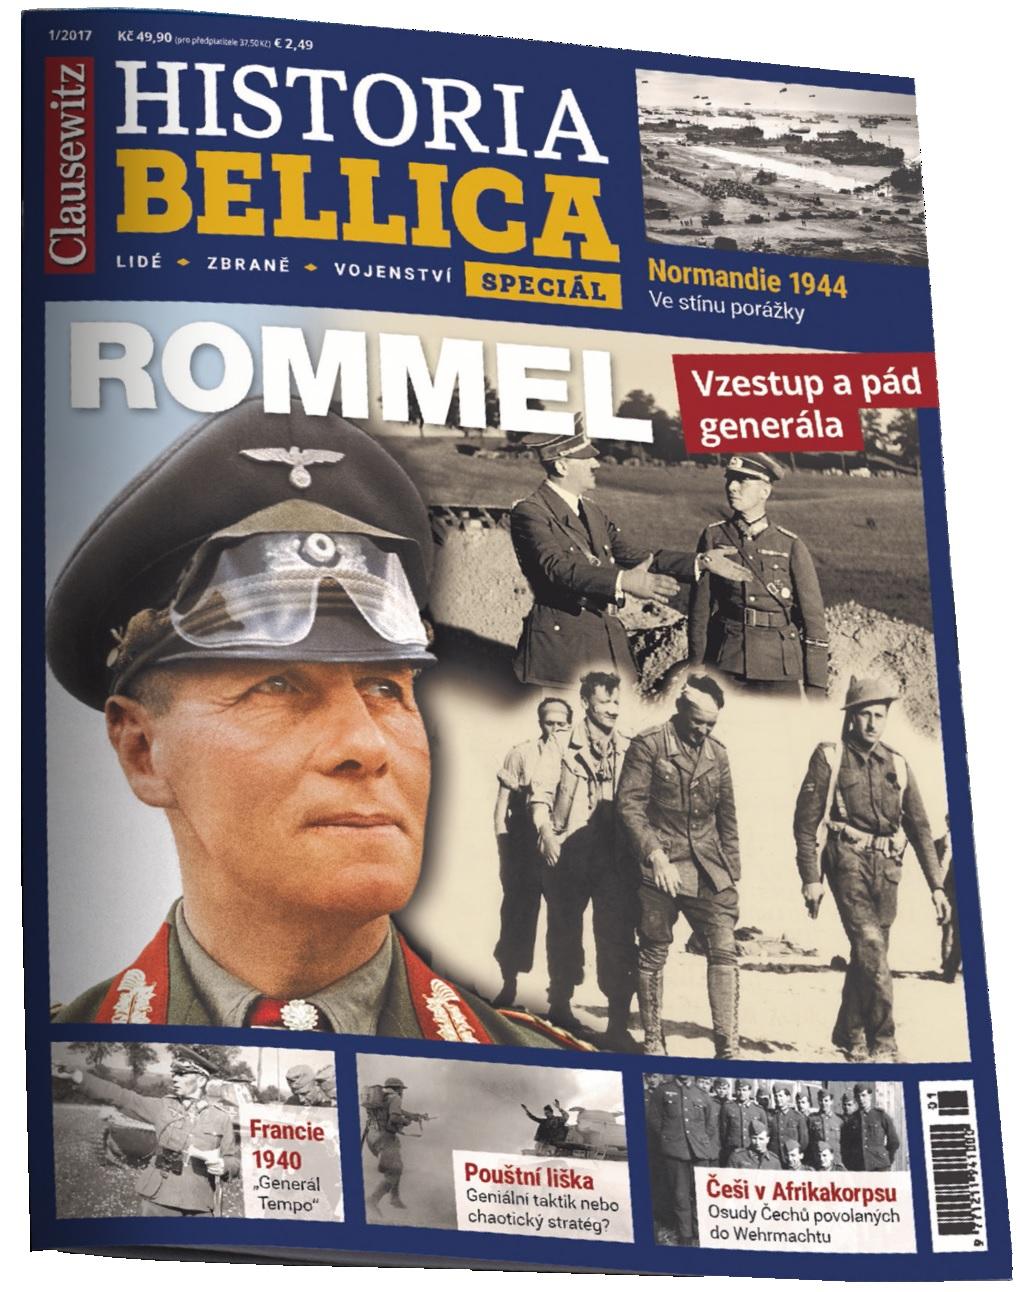 obálka Historia Bellica SPECIÁL